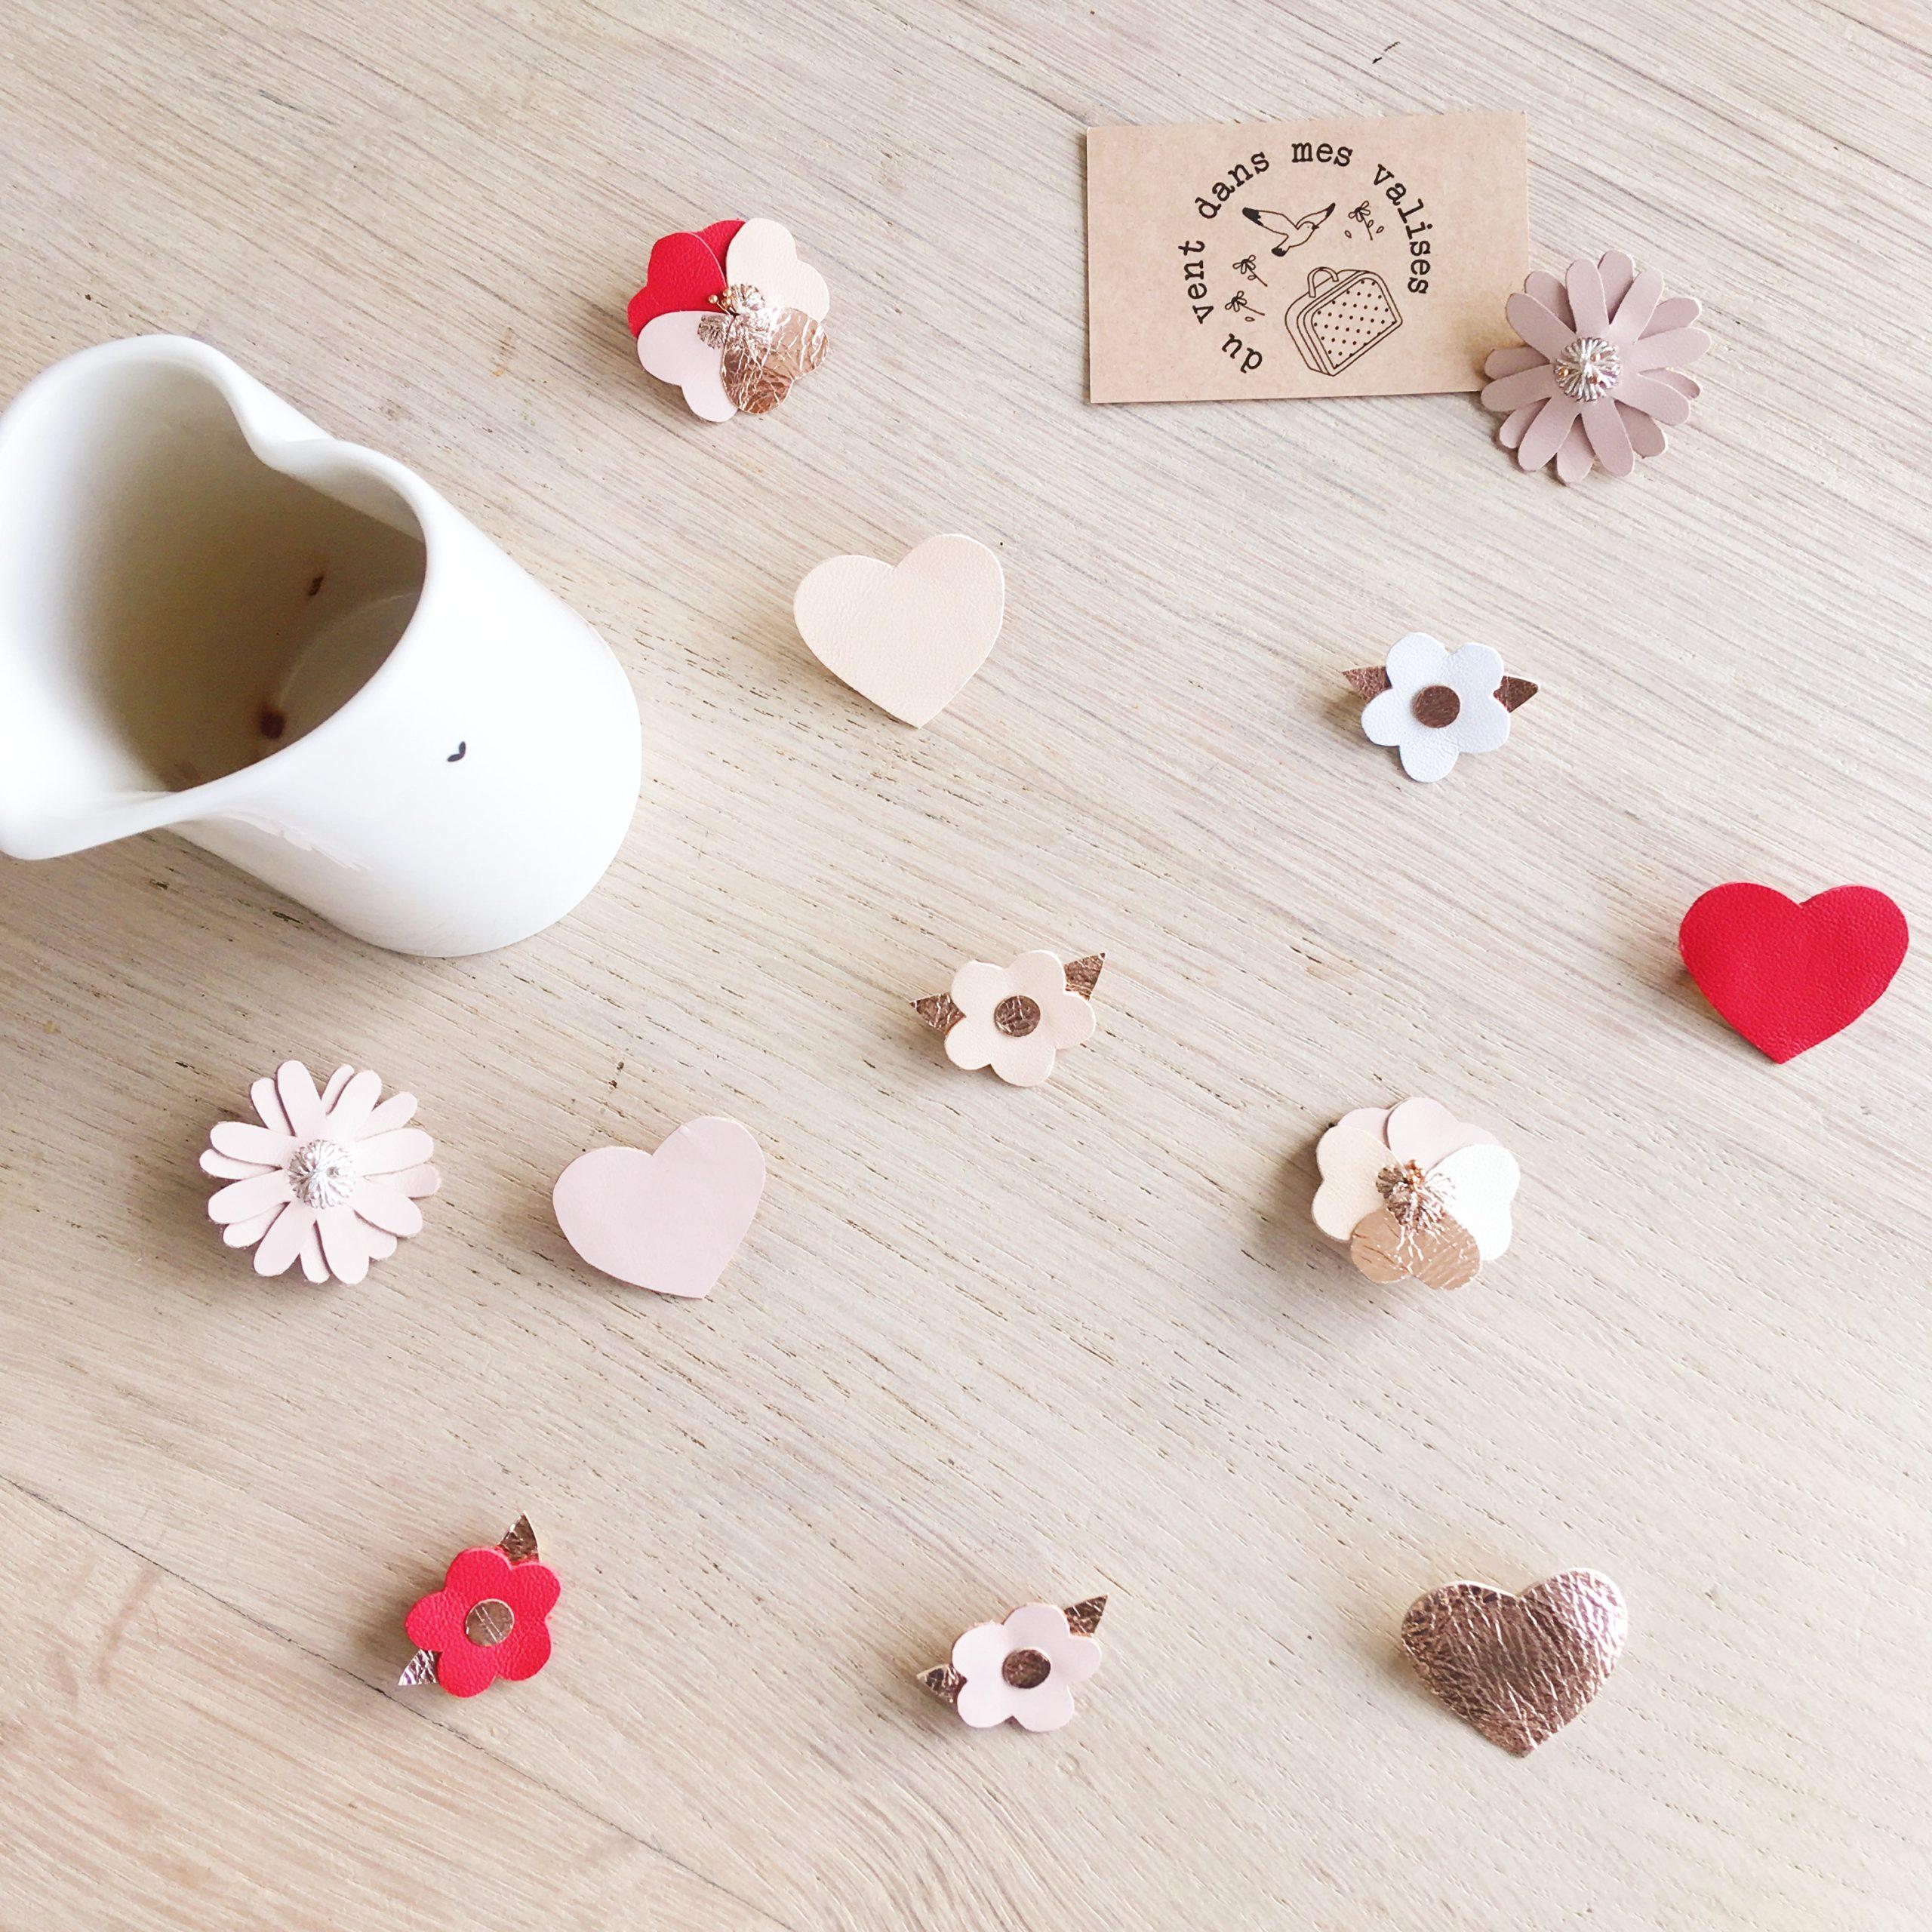 broche en cui bijou coeurs et fleurs d'amour roses peau et rouges baisers - du vent dans mes valises